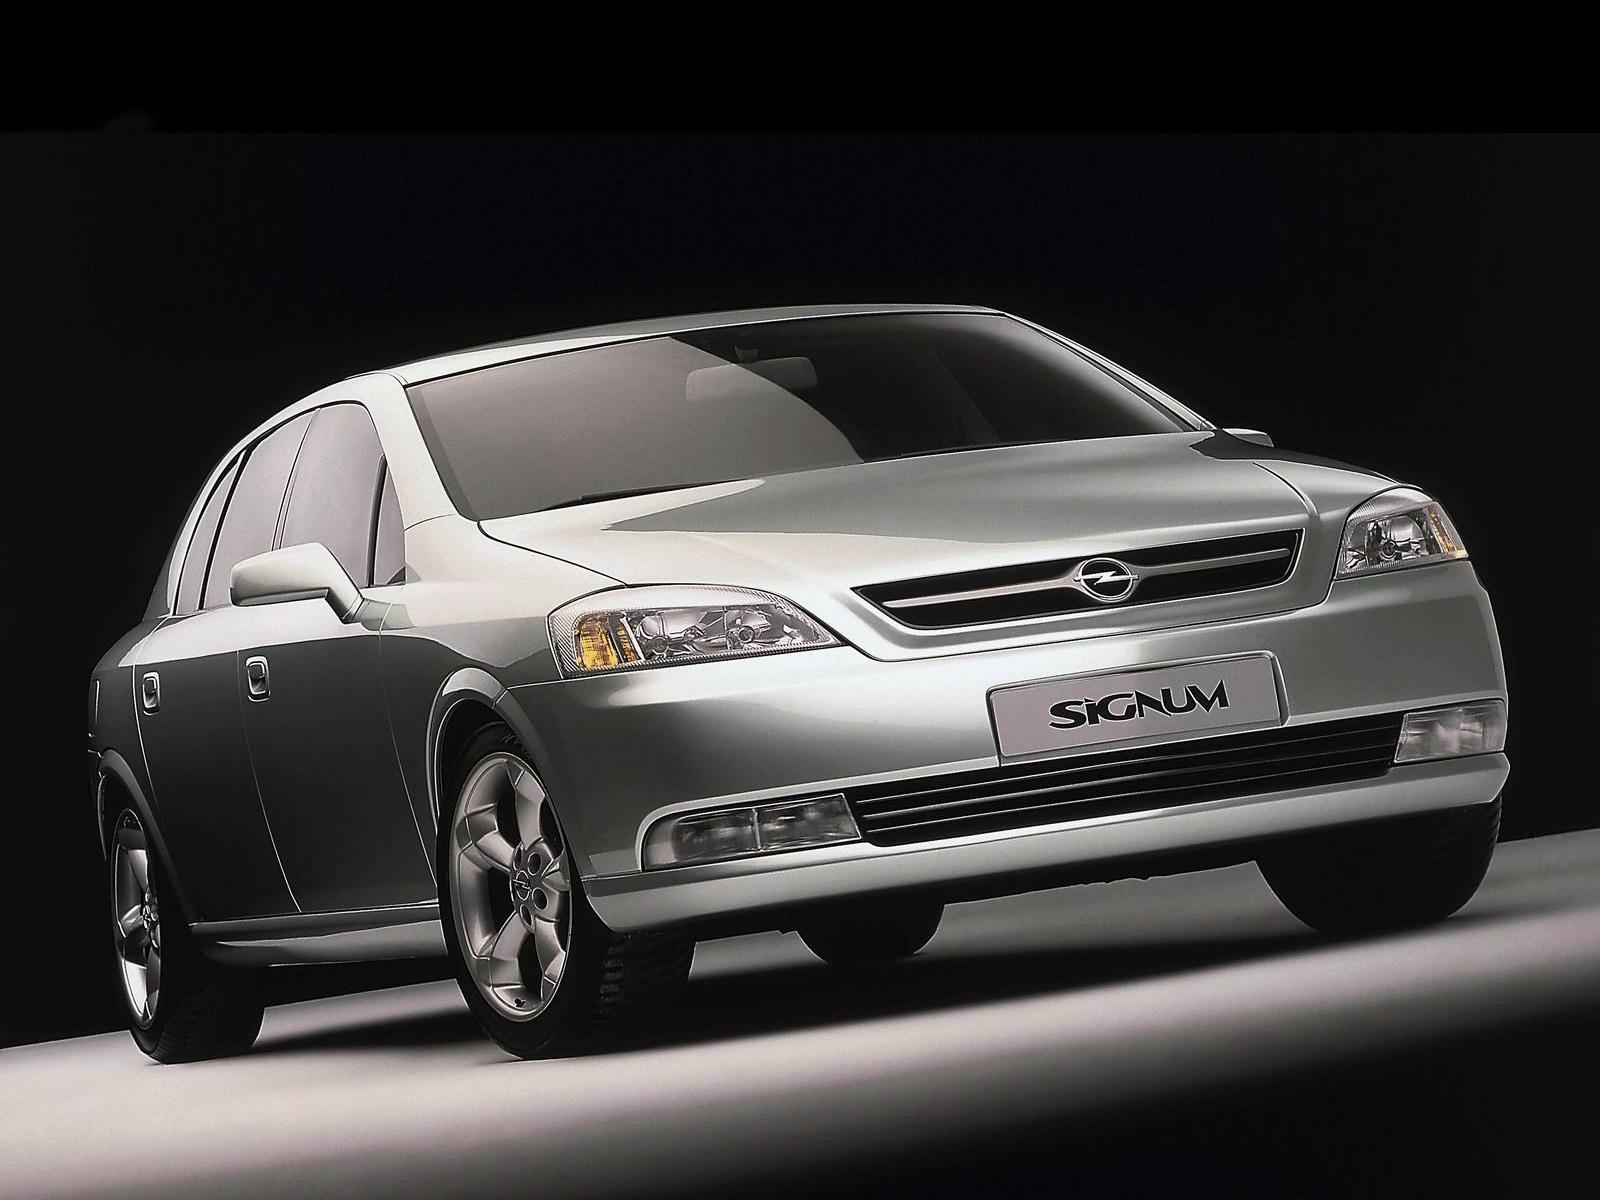 1997 Opel Signum - Concepts